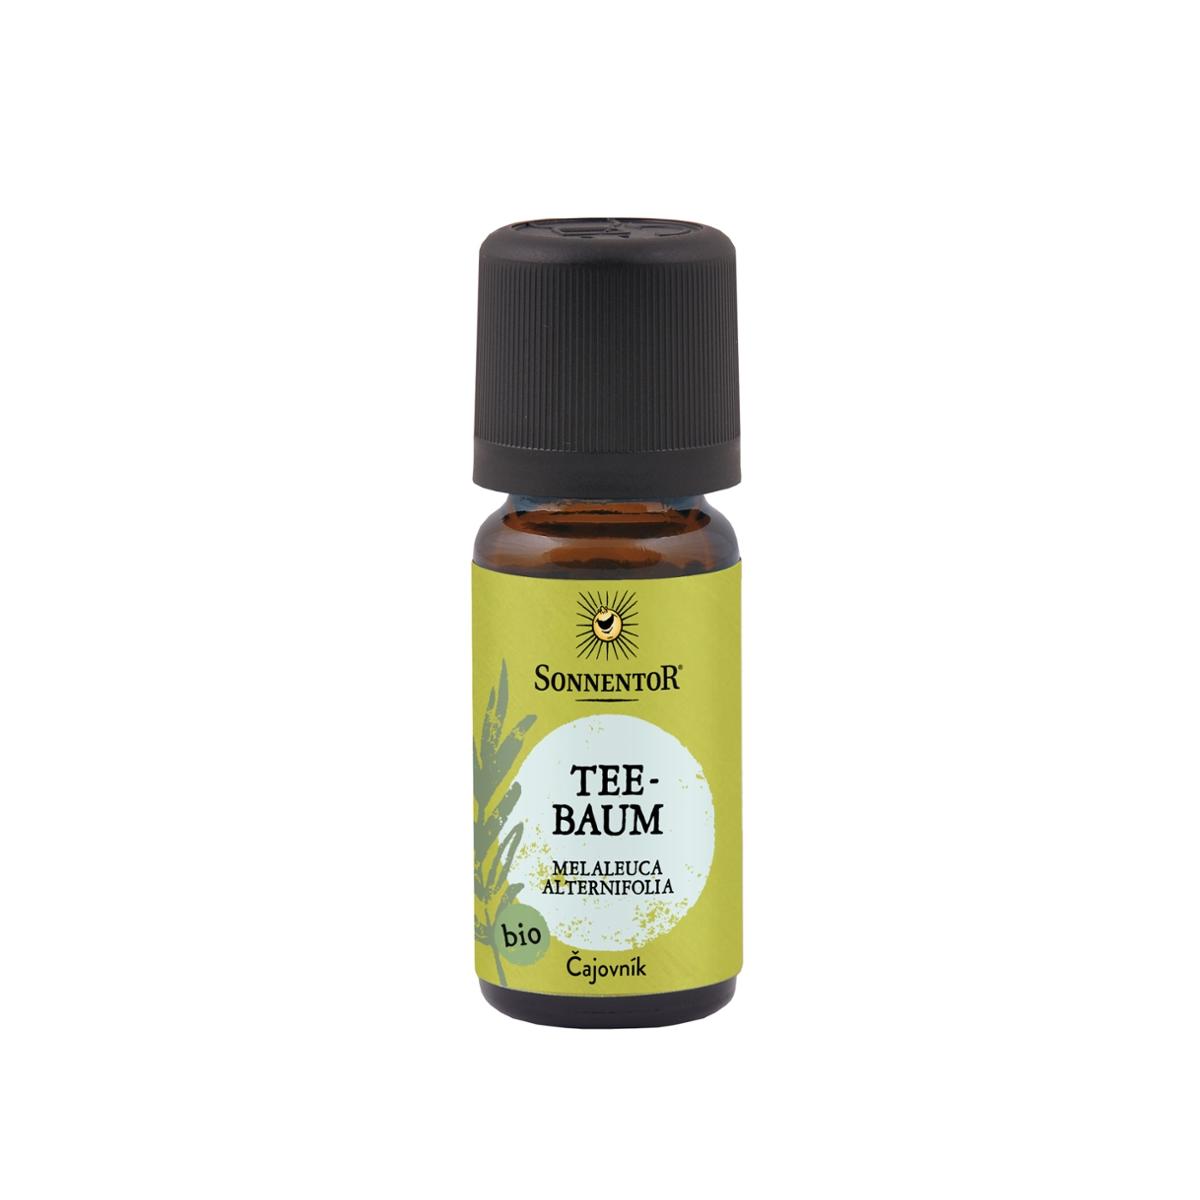 Teebaum ätherisches Öl